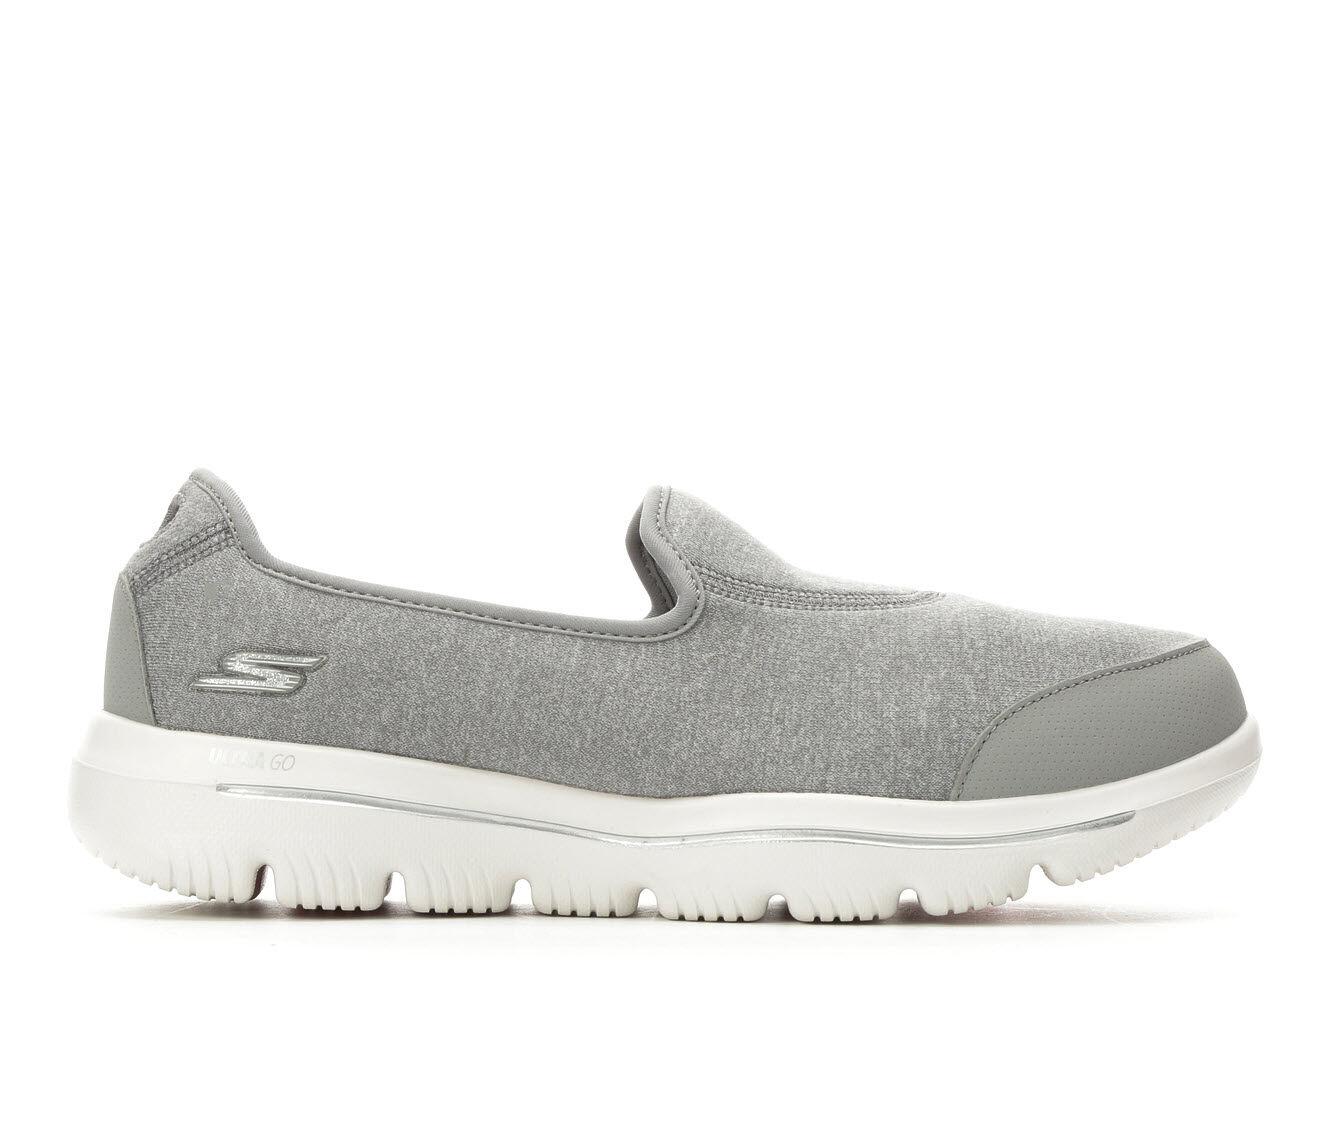 Women's Skechers Go Ultra 15763 Slip-On Shoes Grey